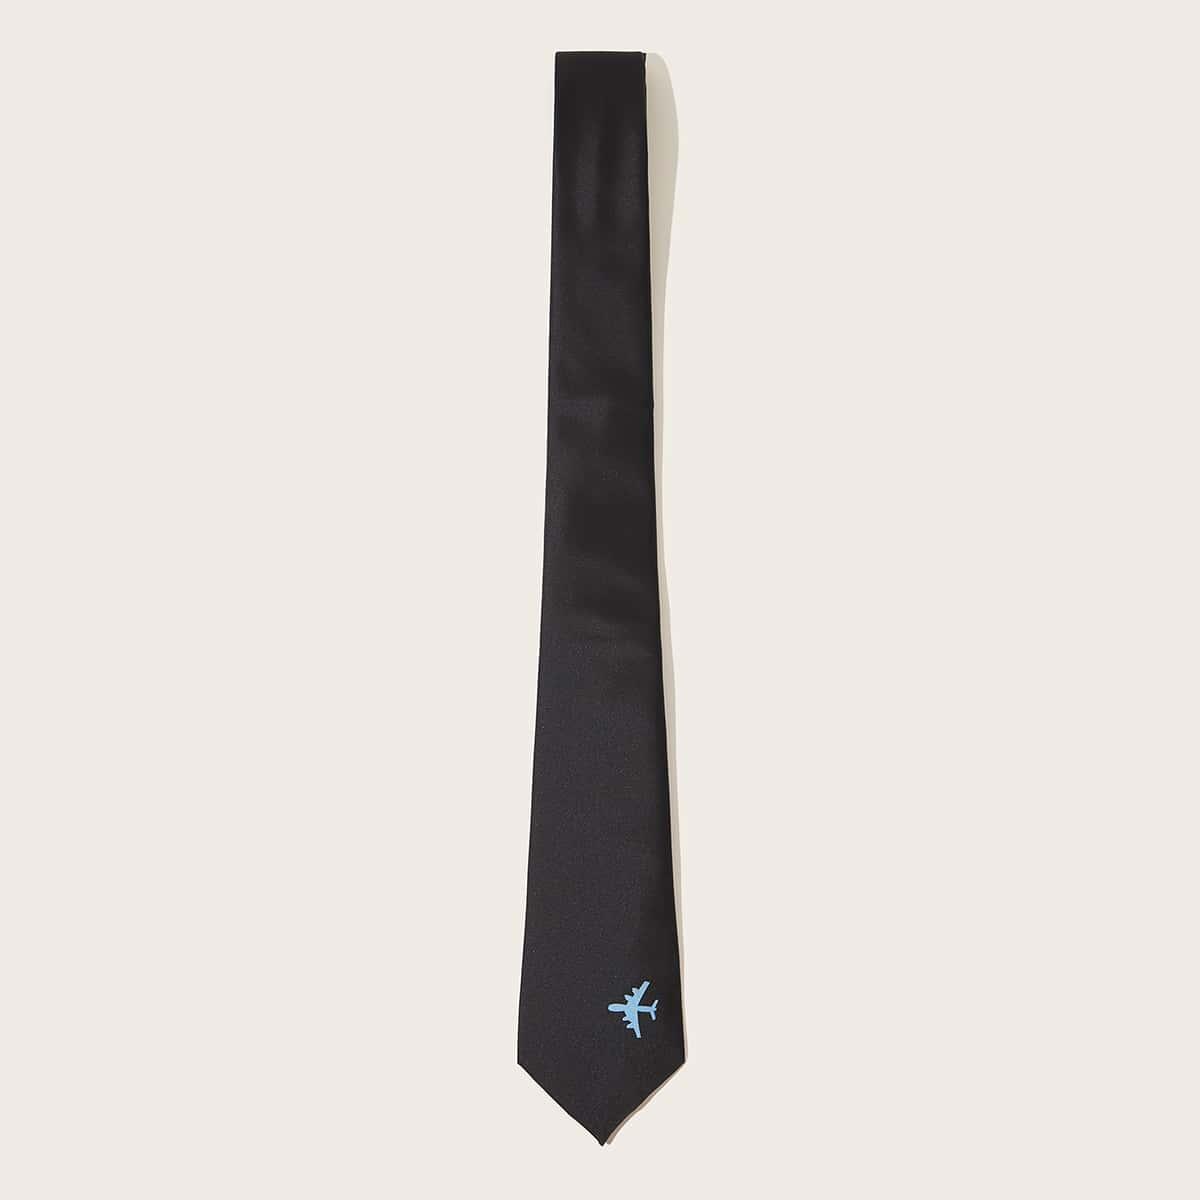 Mannen vliegtuig patroon stropdas